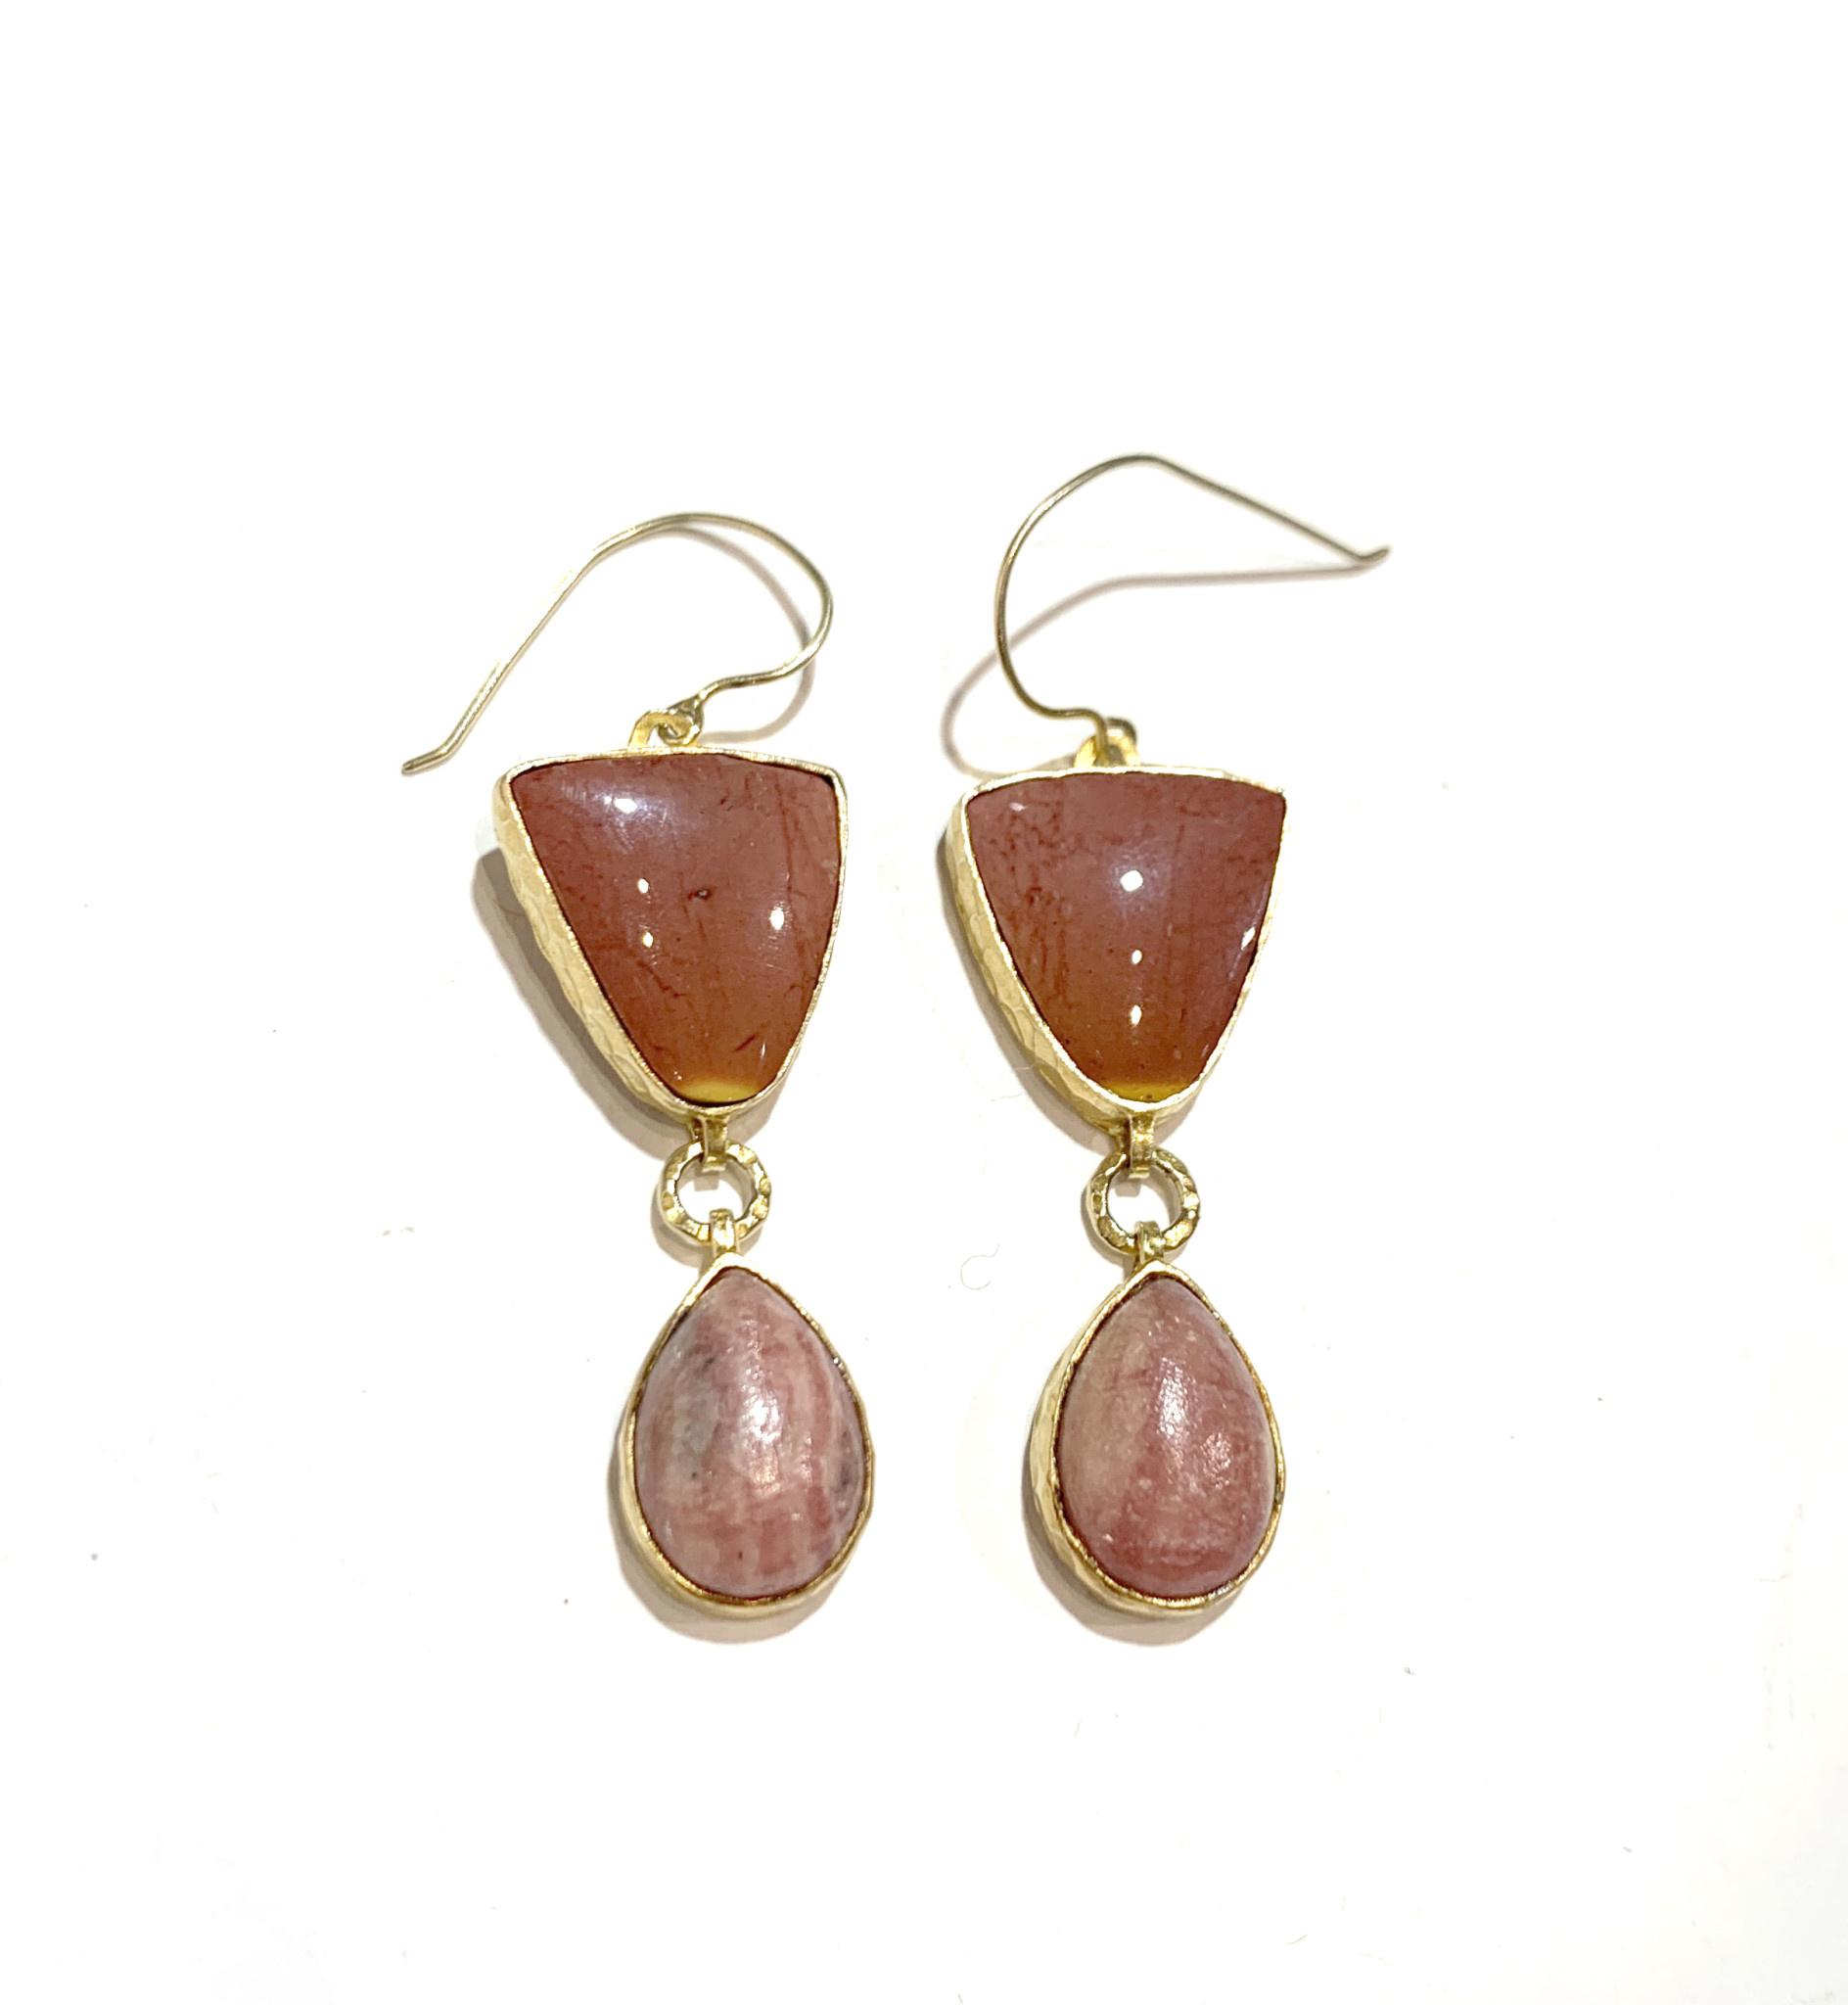 HBJ Pink-Mookite and Rhodocrocite earrings 2 part